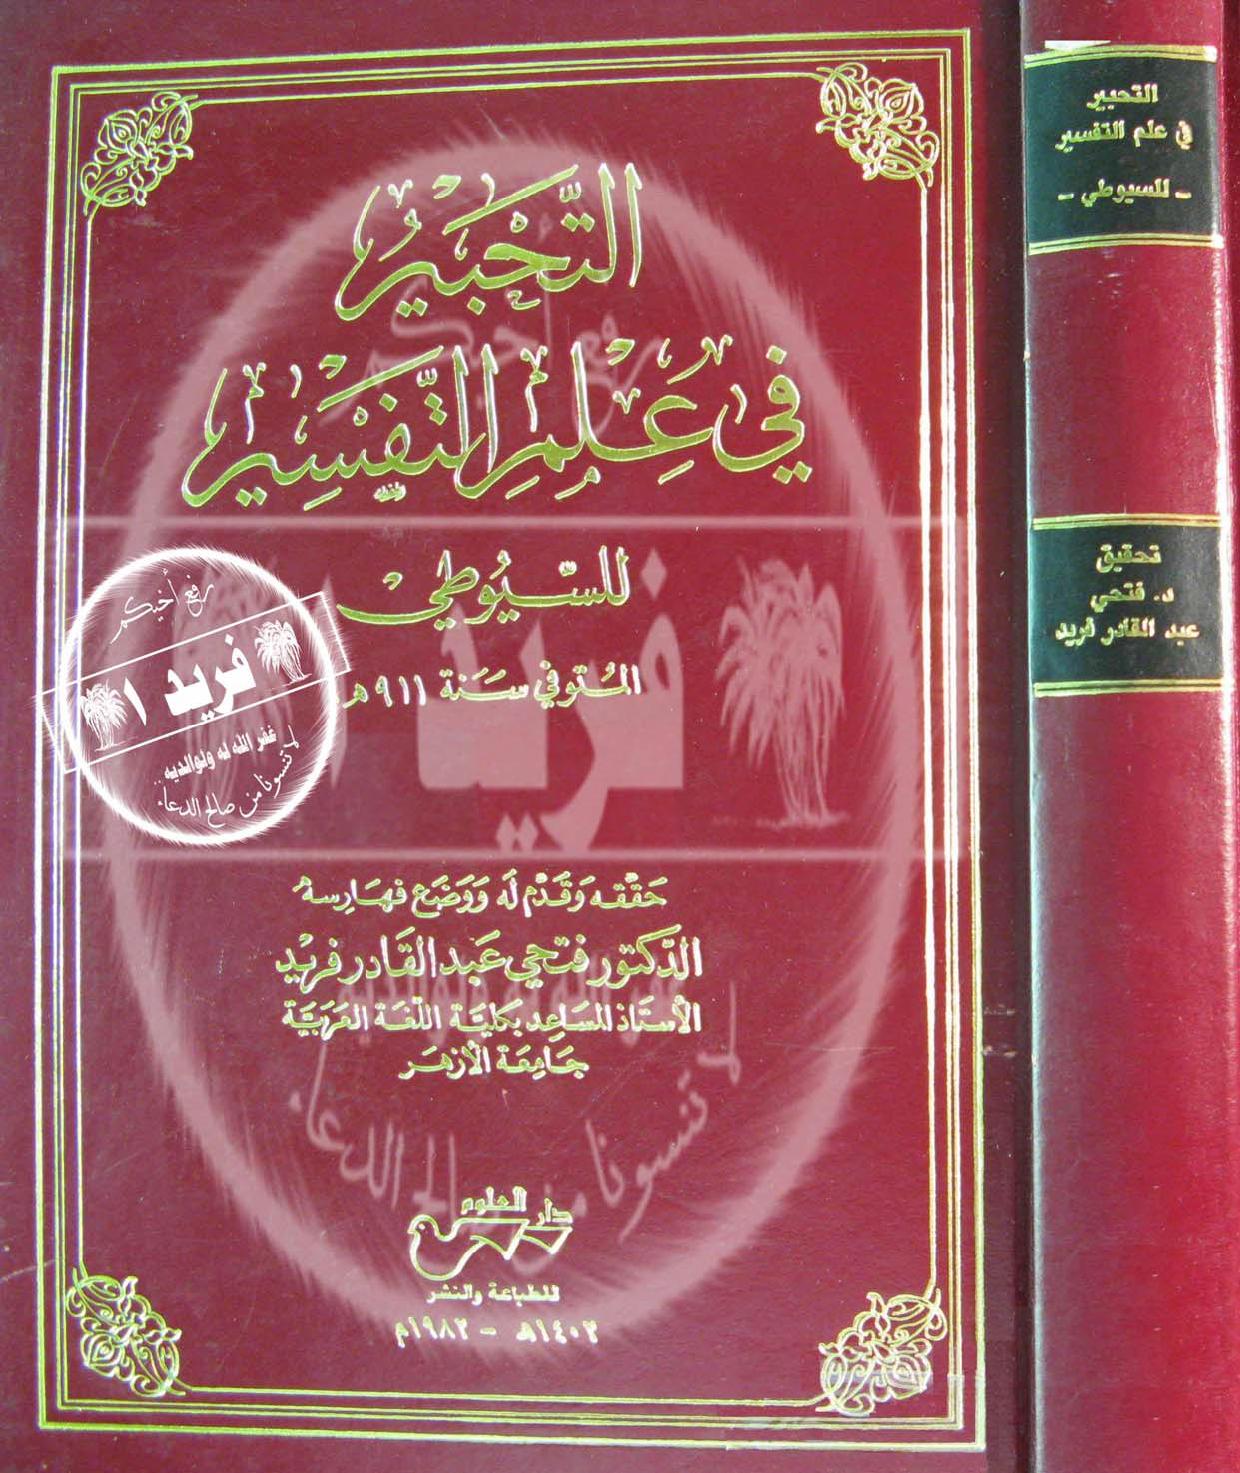 تحميل كتاب التحبير في علم التفسير (ت. فريد) لـِ: أبو الفضل جلال الدين عبد الرحمن بن أبي بكر السيوطي (ت 911 هـ)